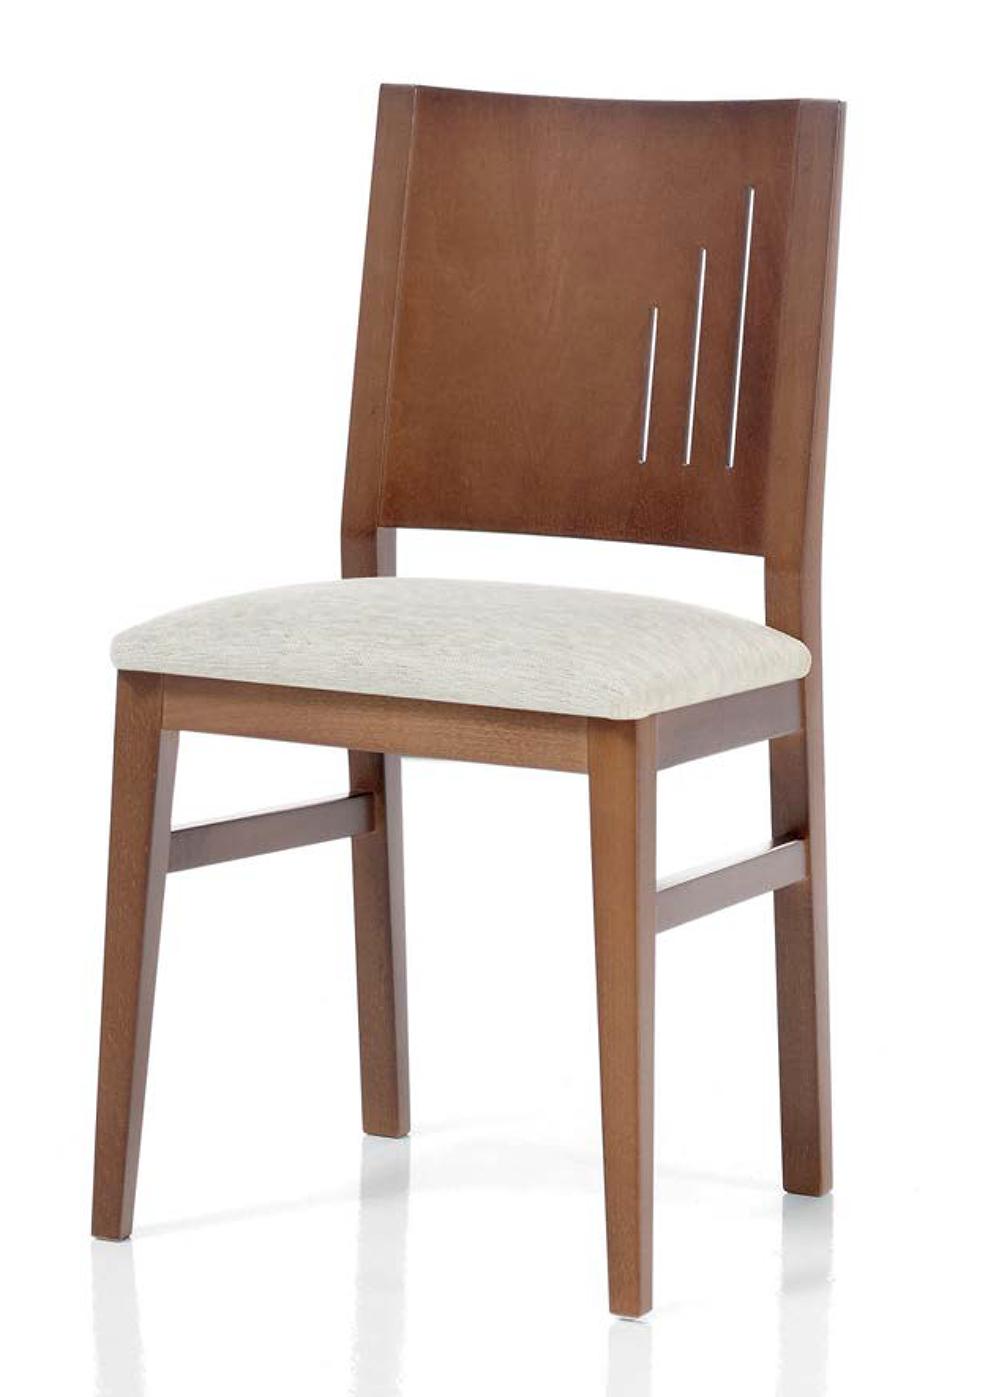 Modelos de sillas de comedor trendy cargando zoom with for Modelos sillas comedor